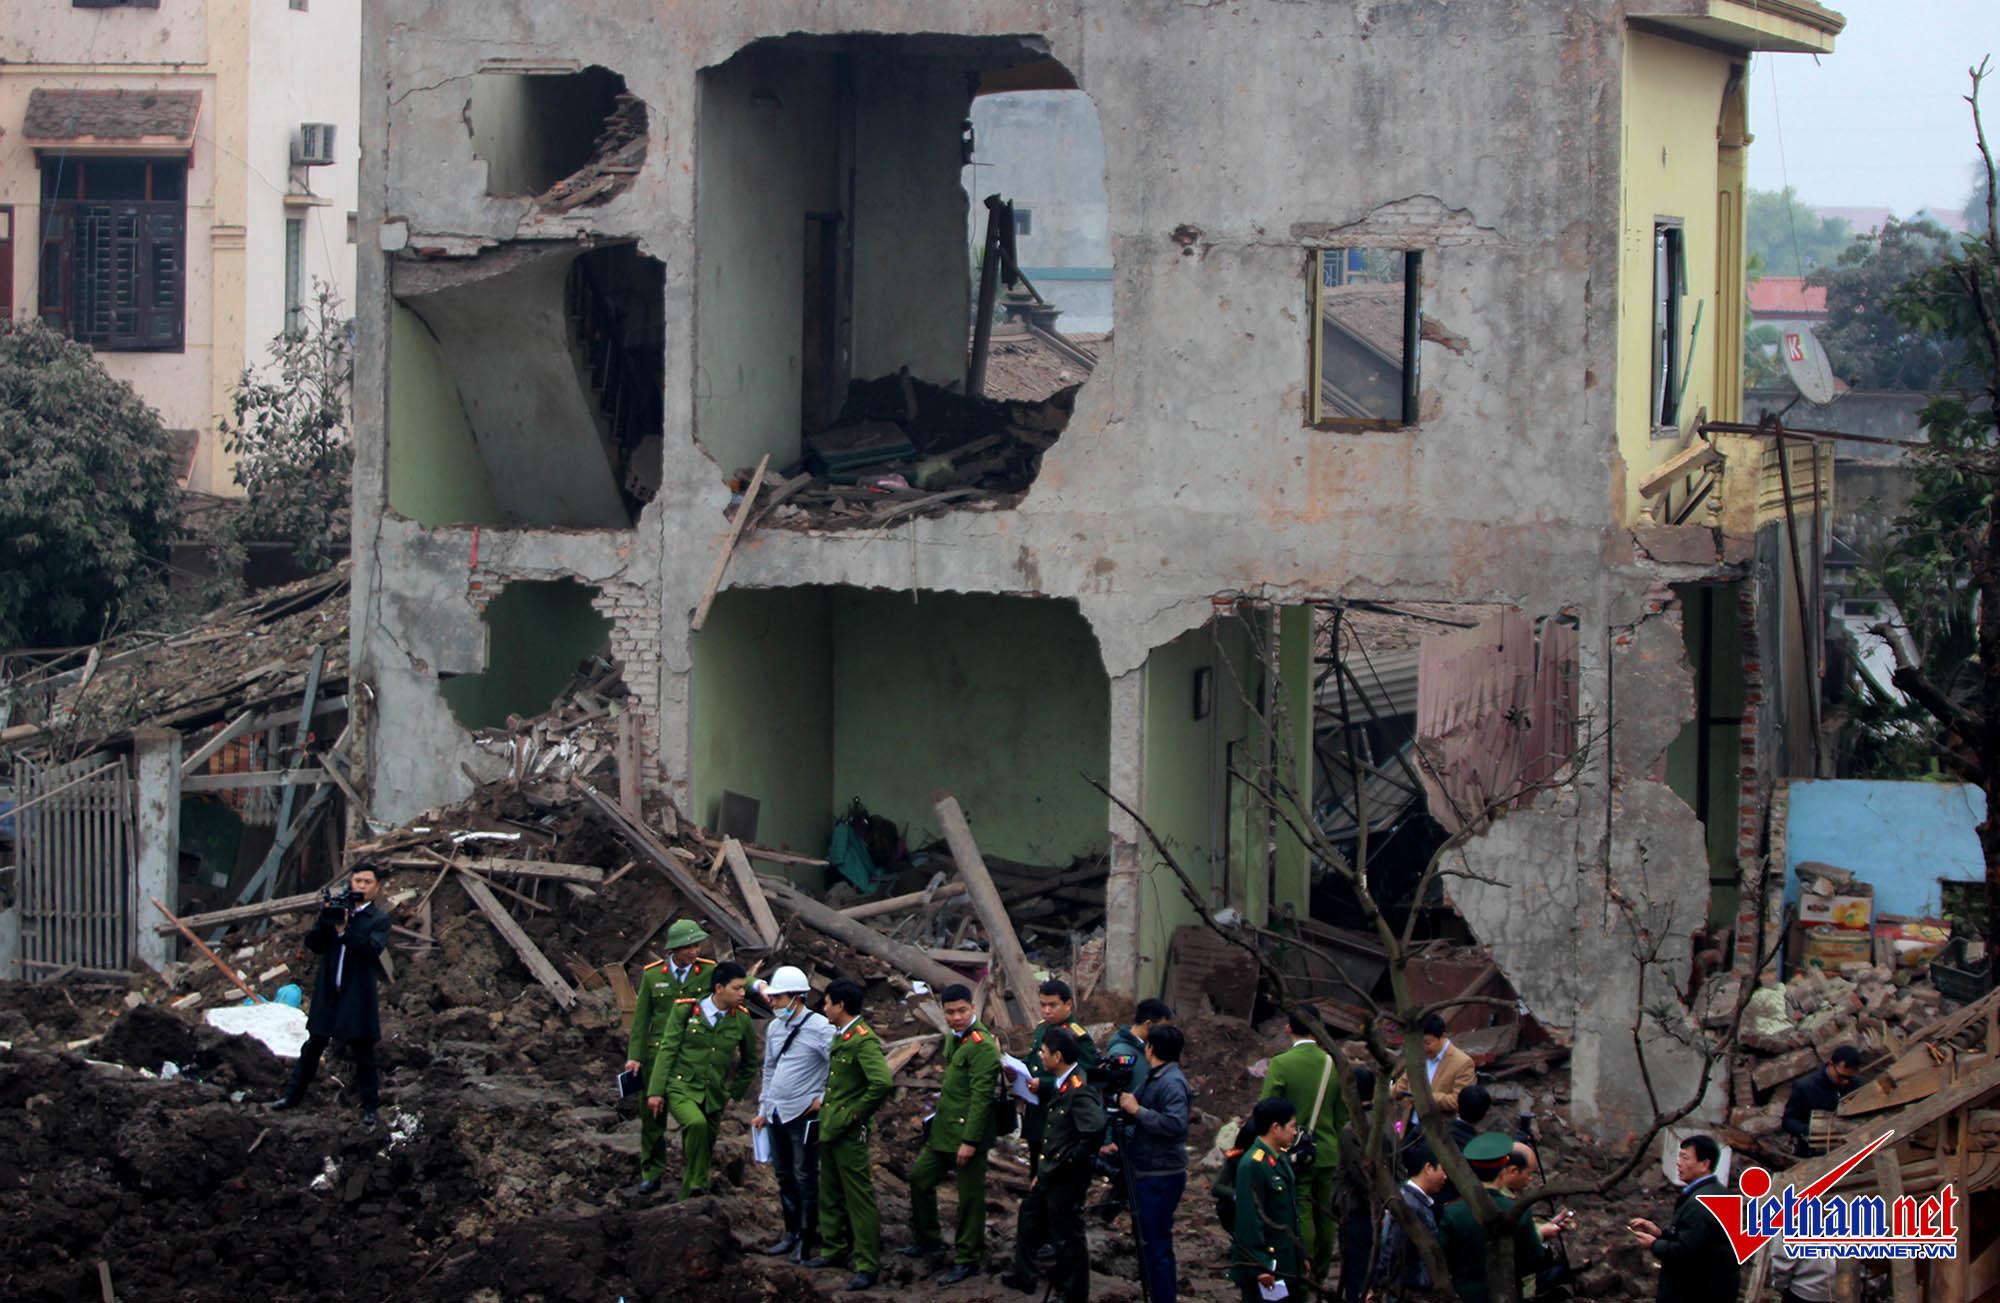 Nổ ở Bắc Ninh,Bắc Ninh,vụ nổ ở Bắc Ninh,nổ ở Yên Phong Bắc Ninh